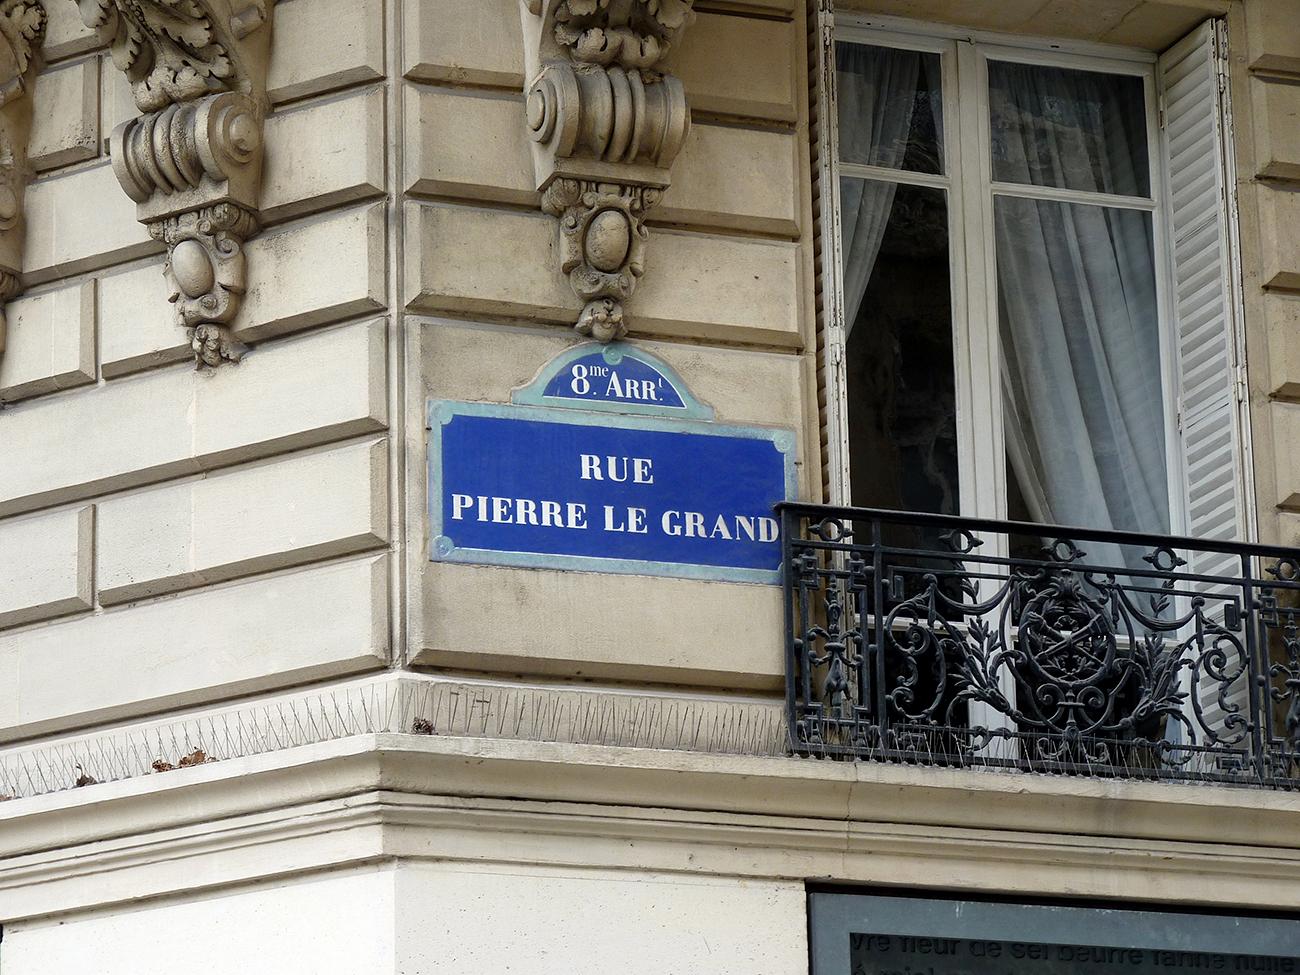 Rue Pierre le Grand, Paris. / Photo: Legion Media